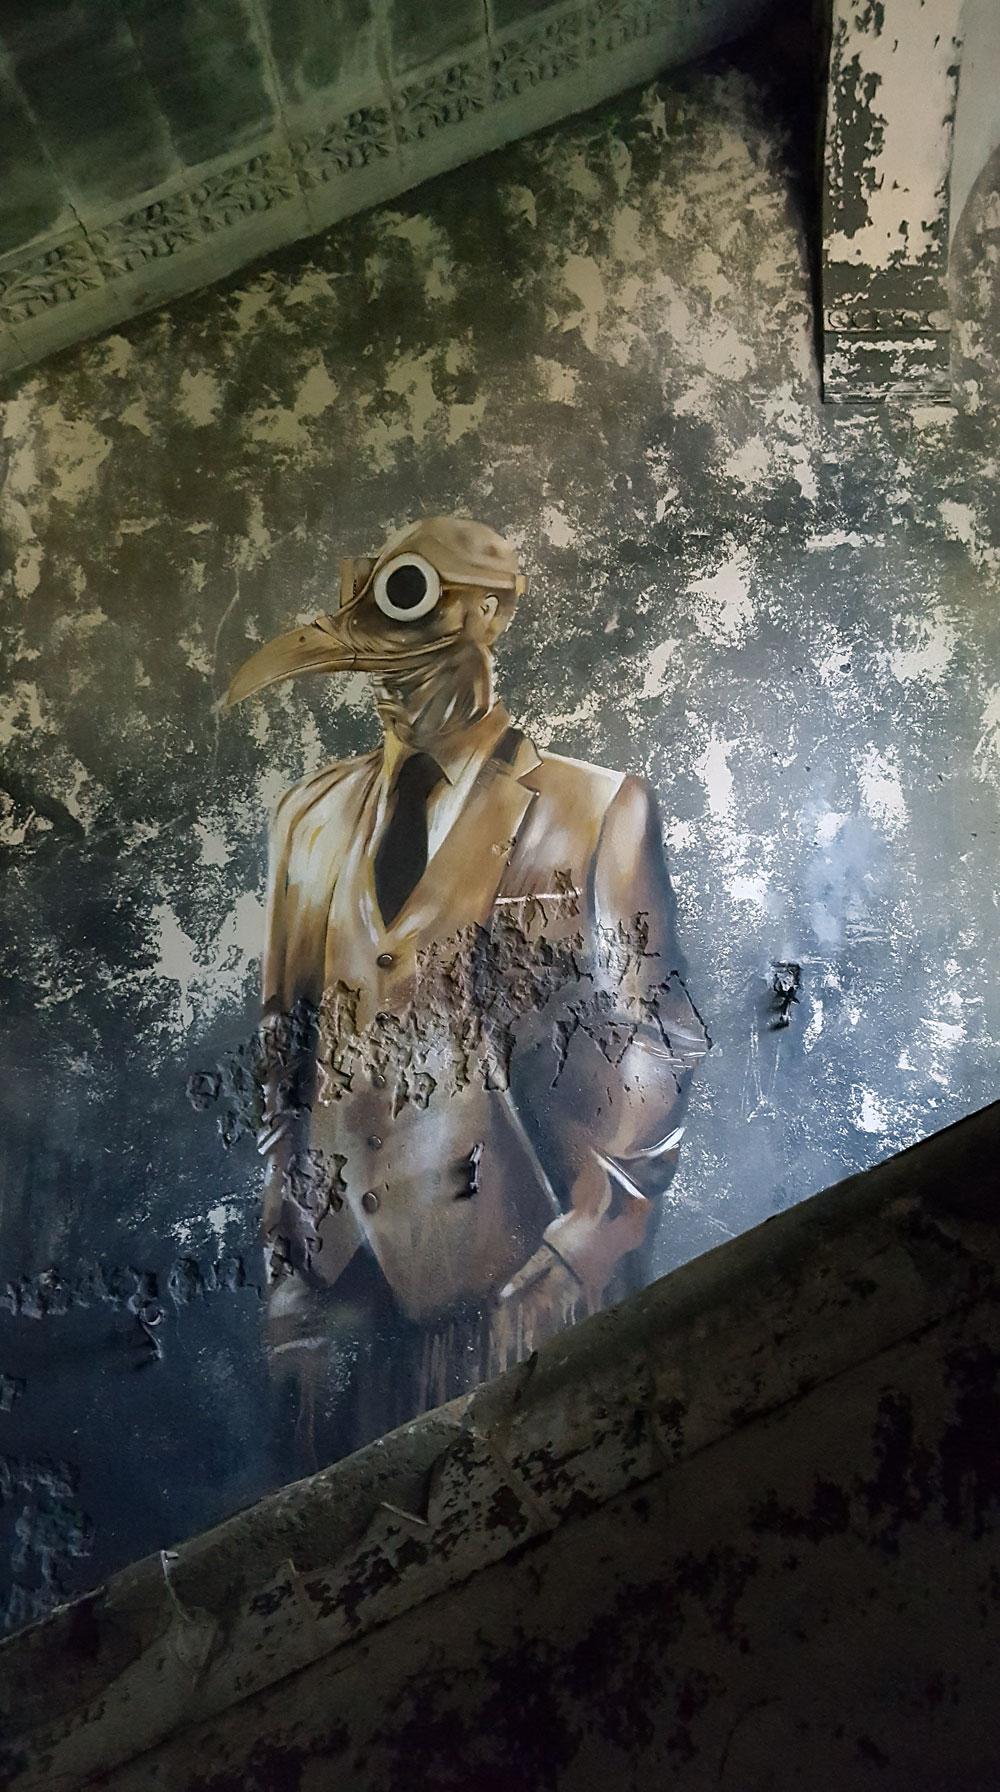 Der Vogelmann - Graffiti in einem Treppenaufgang